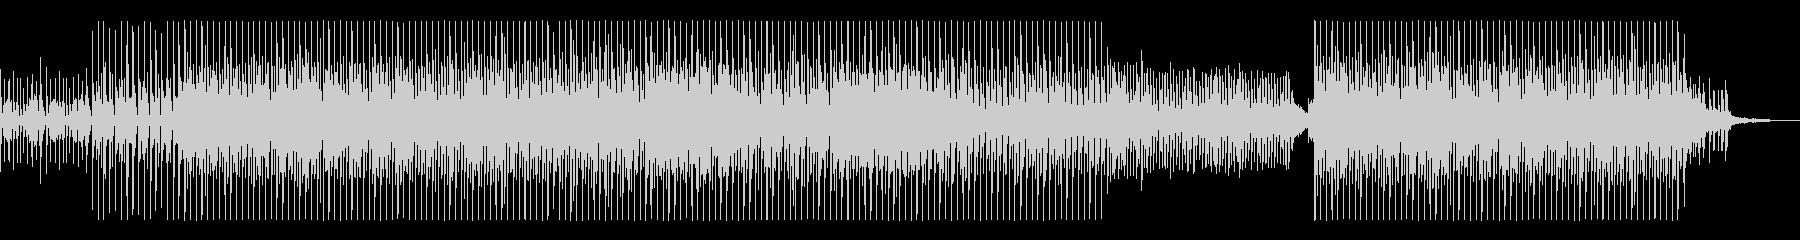 スピード感のあるトロピカルマリンバ元気曲の未再生の波形